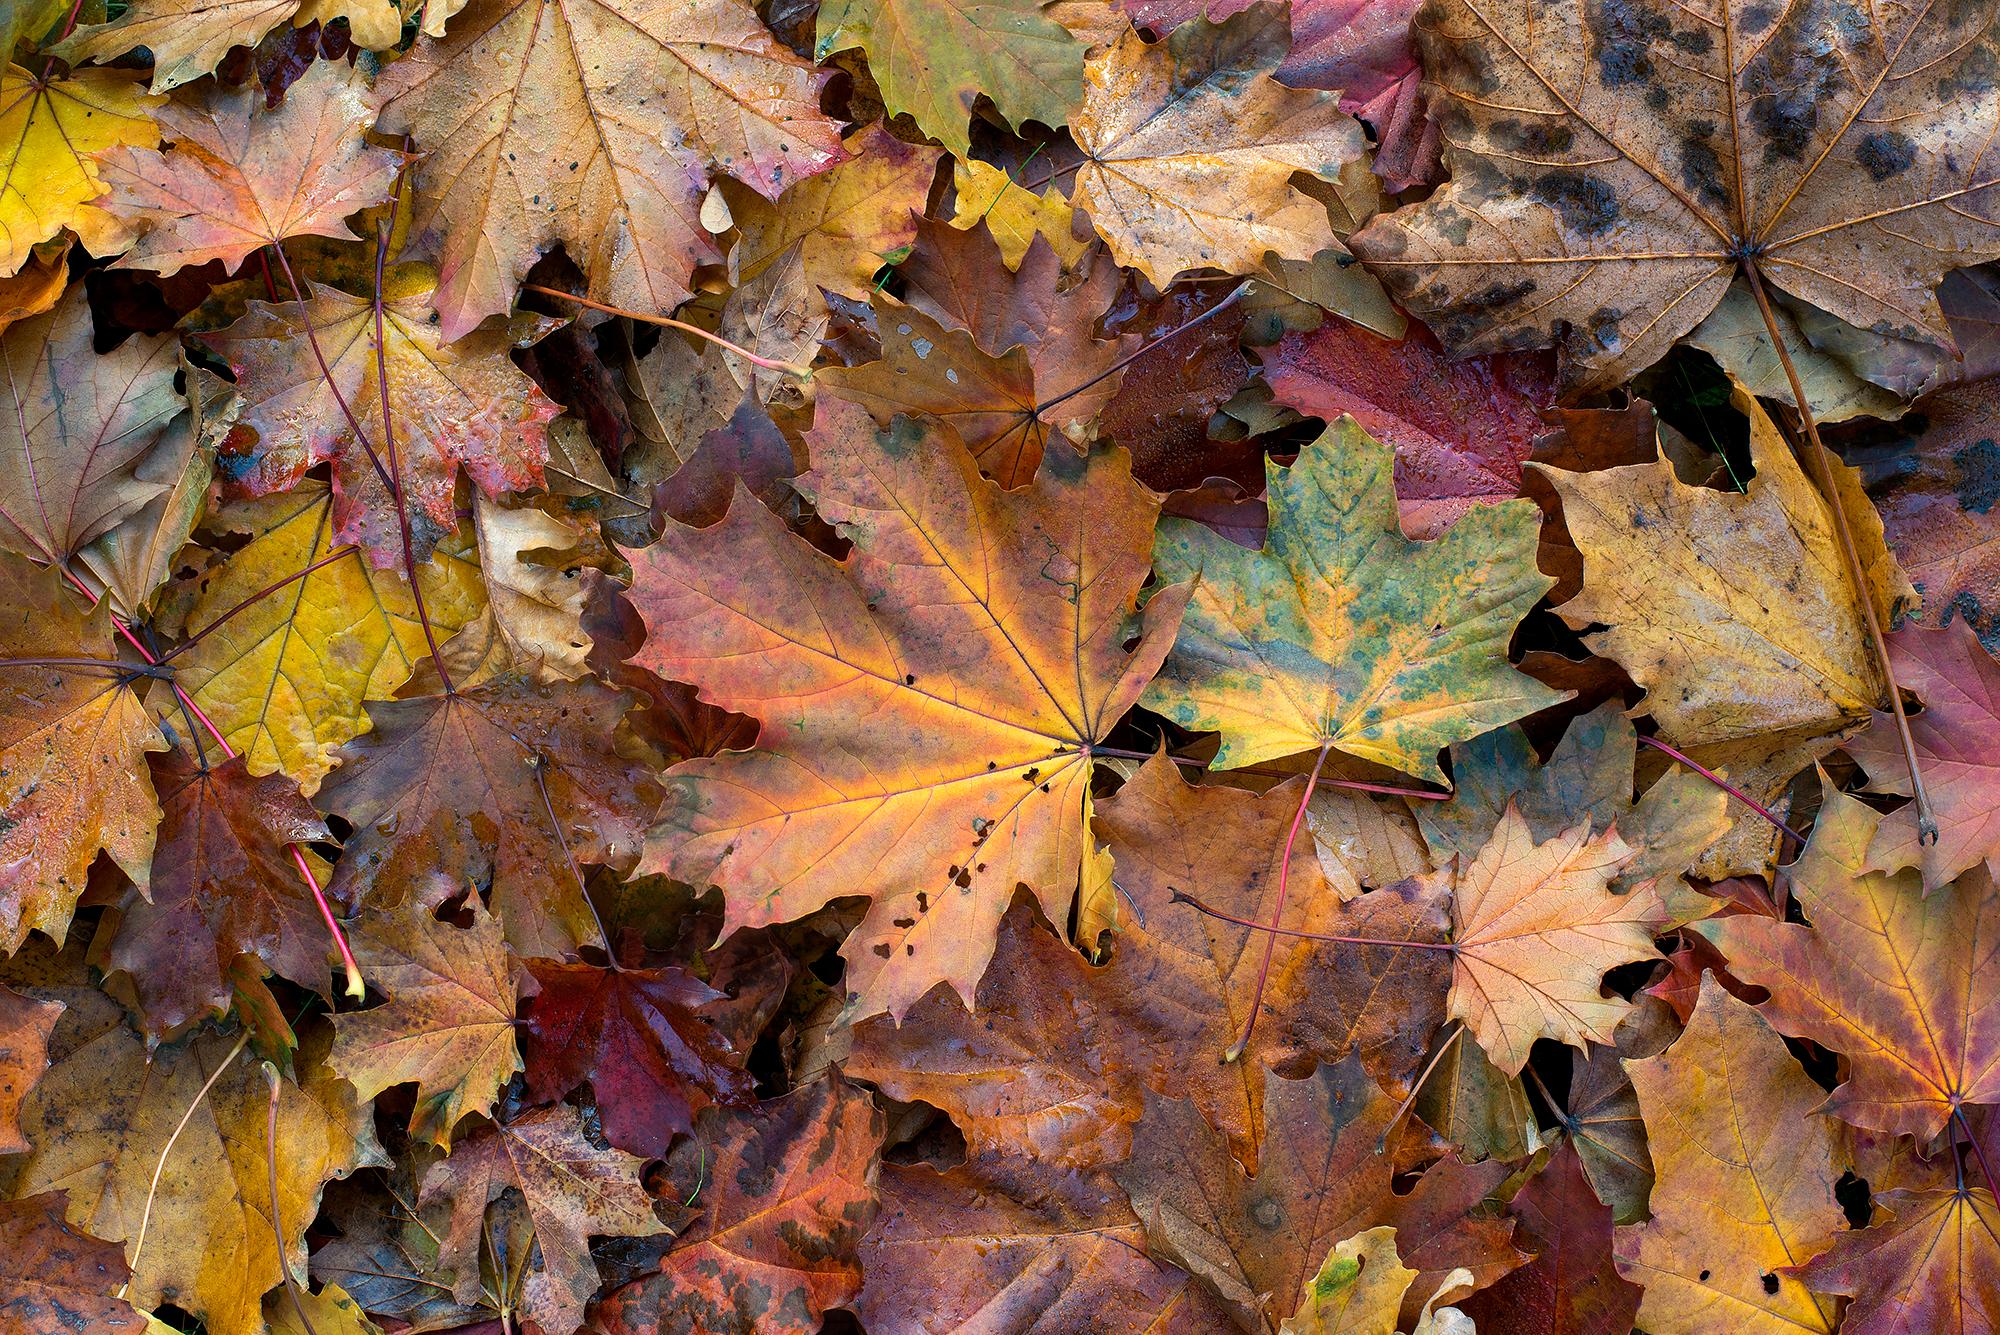 Gevallen, verkleurd herfstblad van Noordse esdoorn (Acer platanoides) tijdens herfst in het duinbos van het Noordhollands Duinreservaat bij Heemskerk.